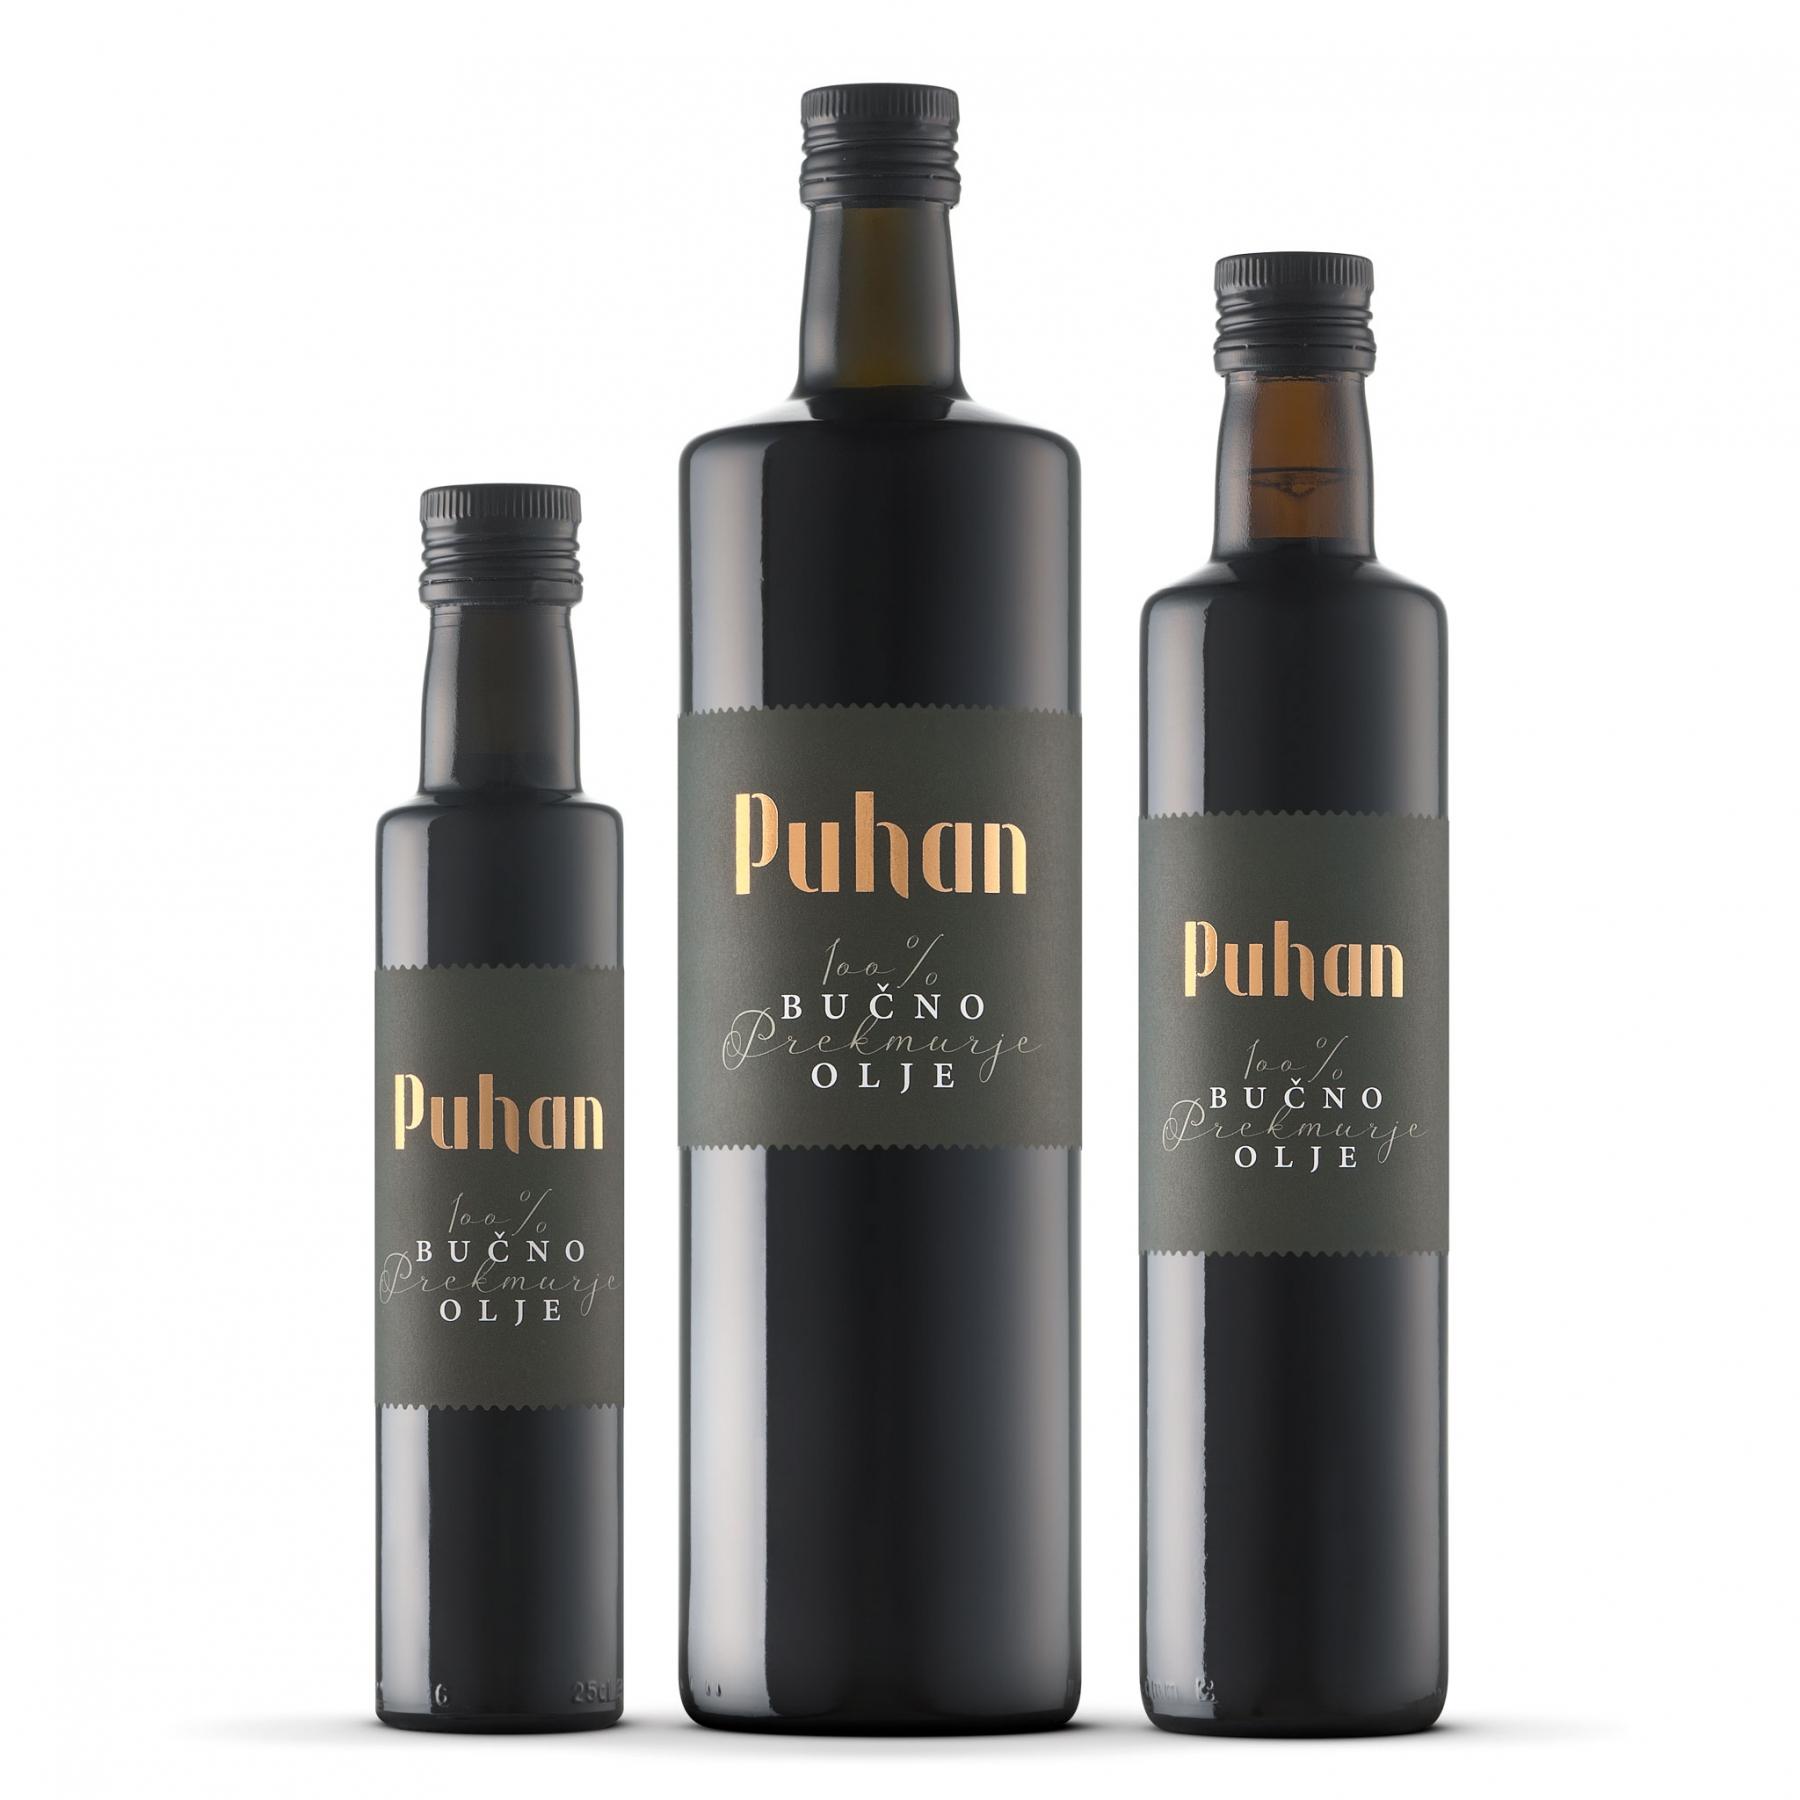 100 % prekmursko, 100 % bučno olje Puhan v steklenicah različnih volumnov. Zaradi optimalizacije tiska imata steklenici 0,25 l in 0,50 l isto etiketo.